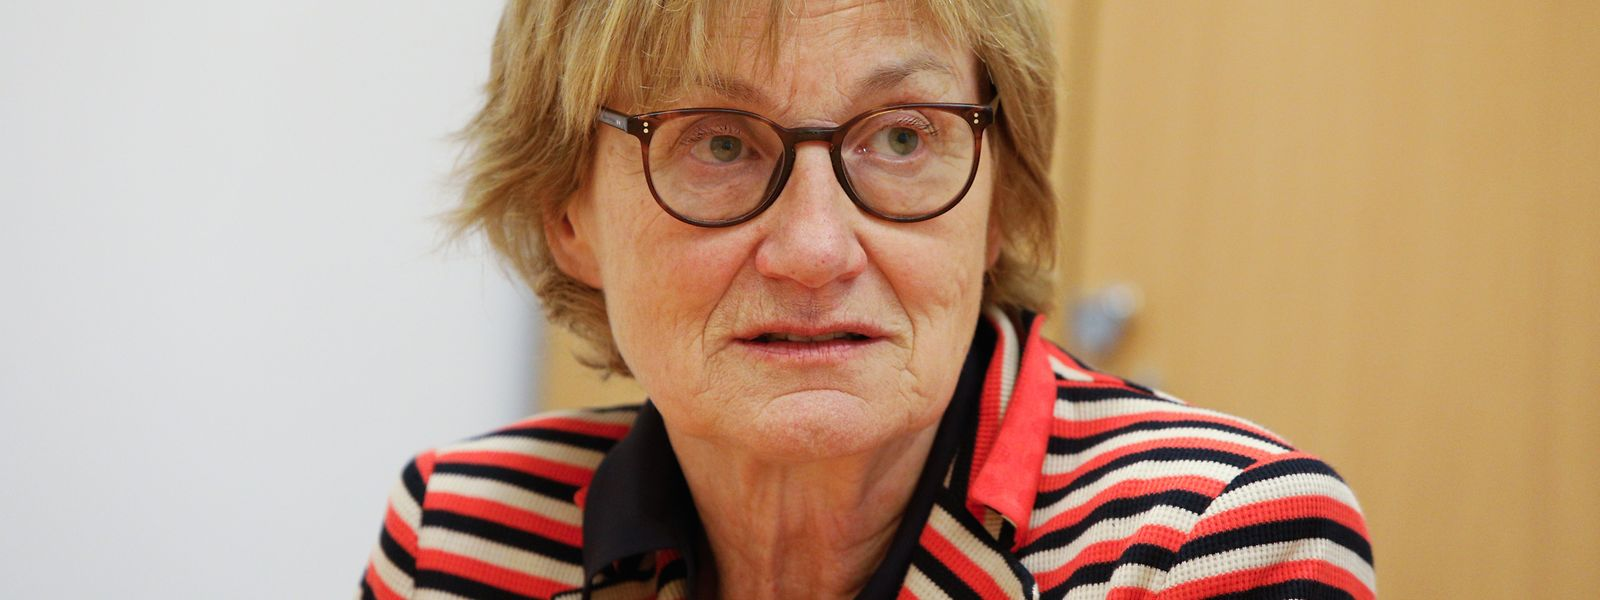 Mady Delvaux studiert – wie viele andere Luxemburger – an der Freien Universität Brüssel (ULB)